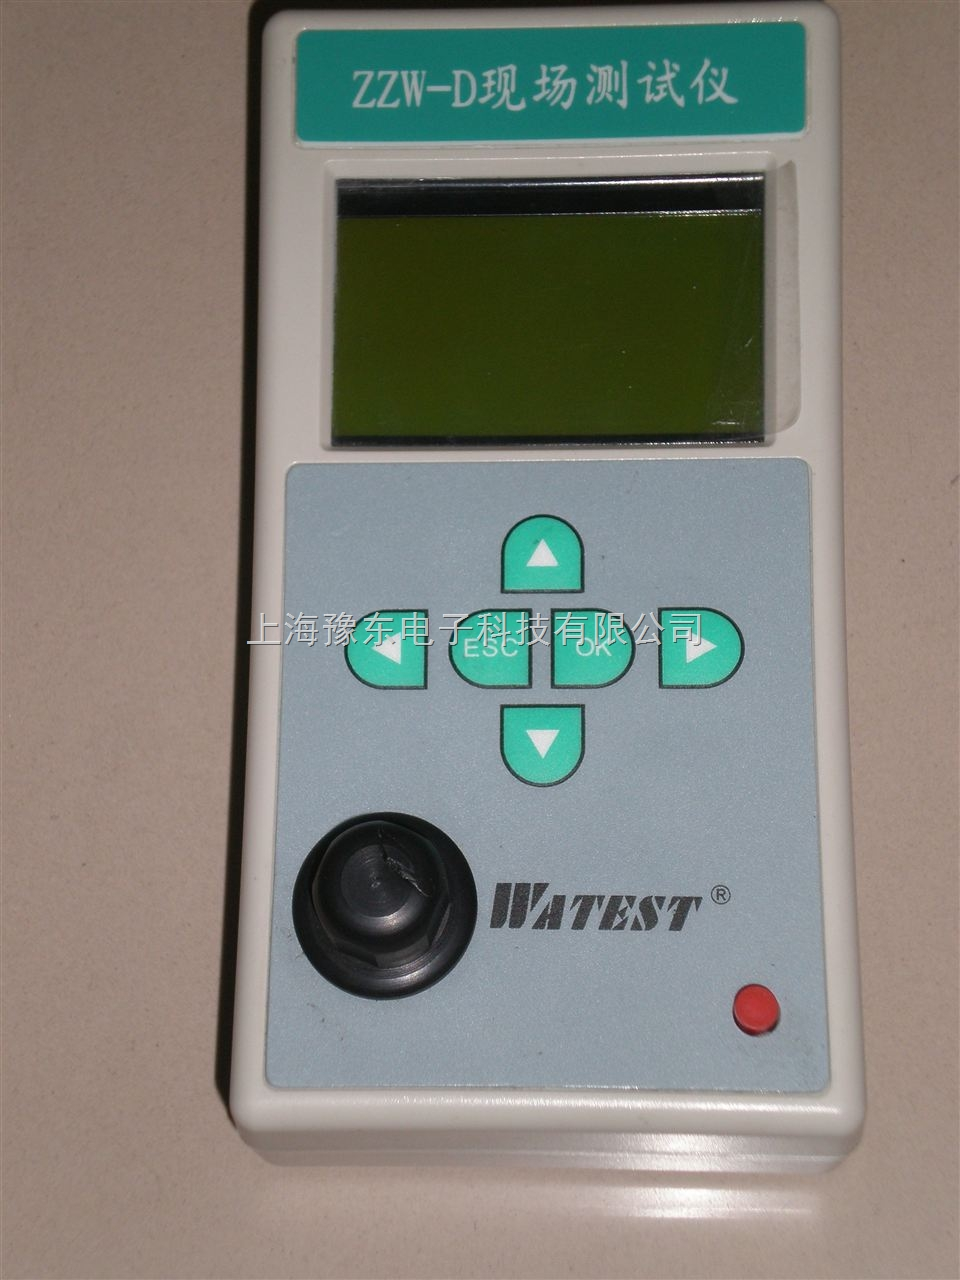 ZZW-DU / ZZW-D便携式毒物测试仪